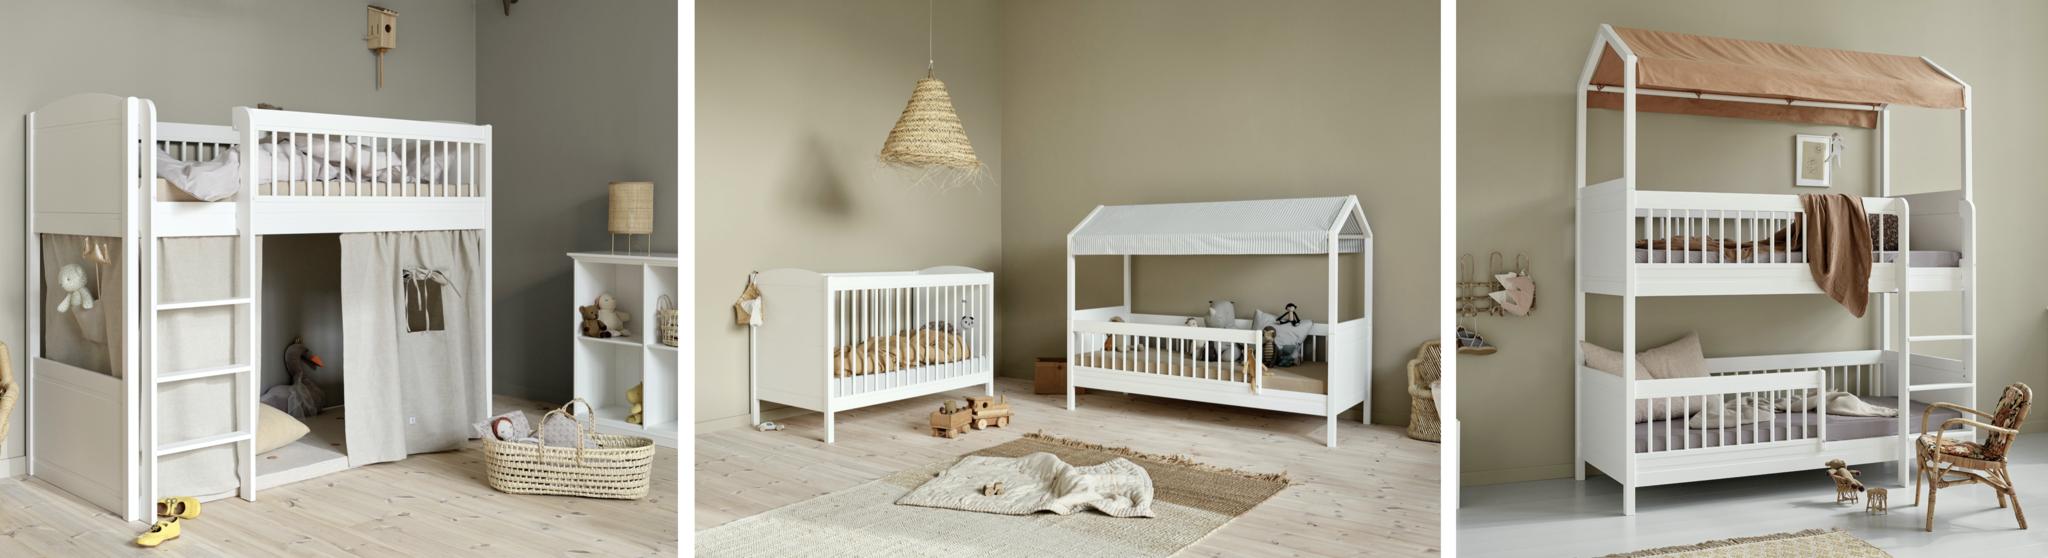 Oliver Furniture Seaside Lille+